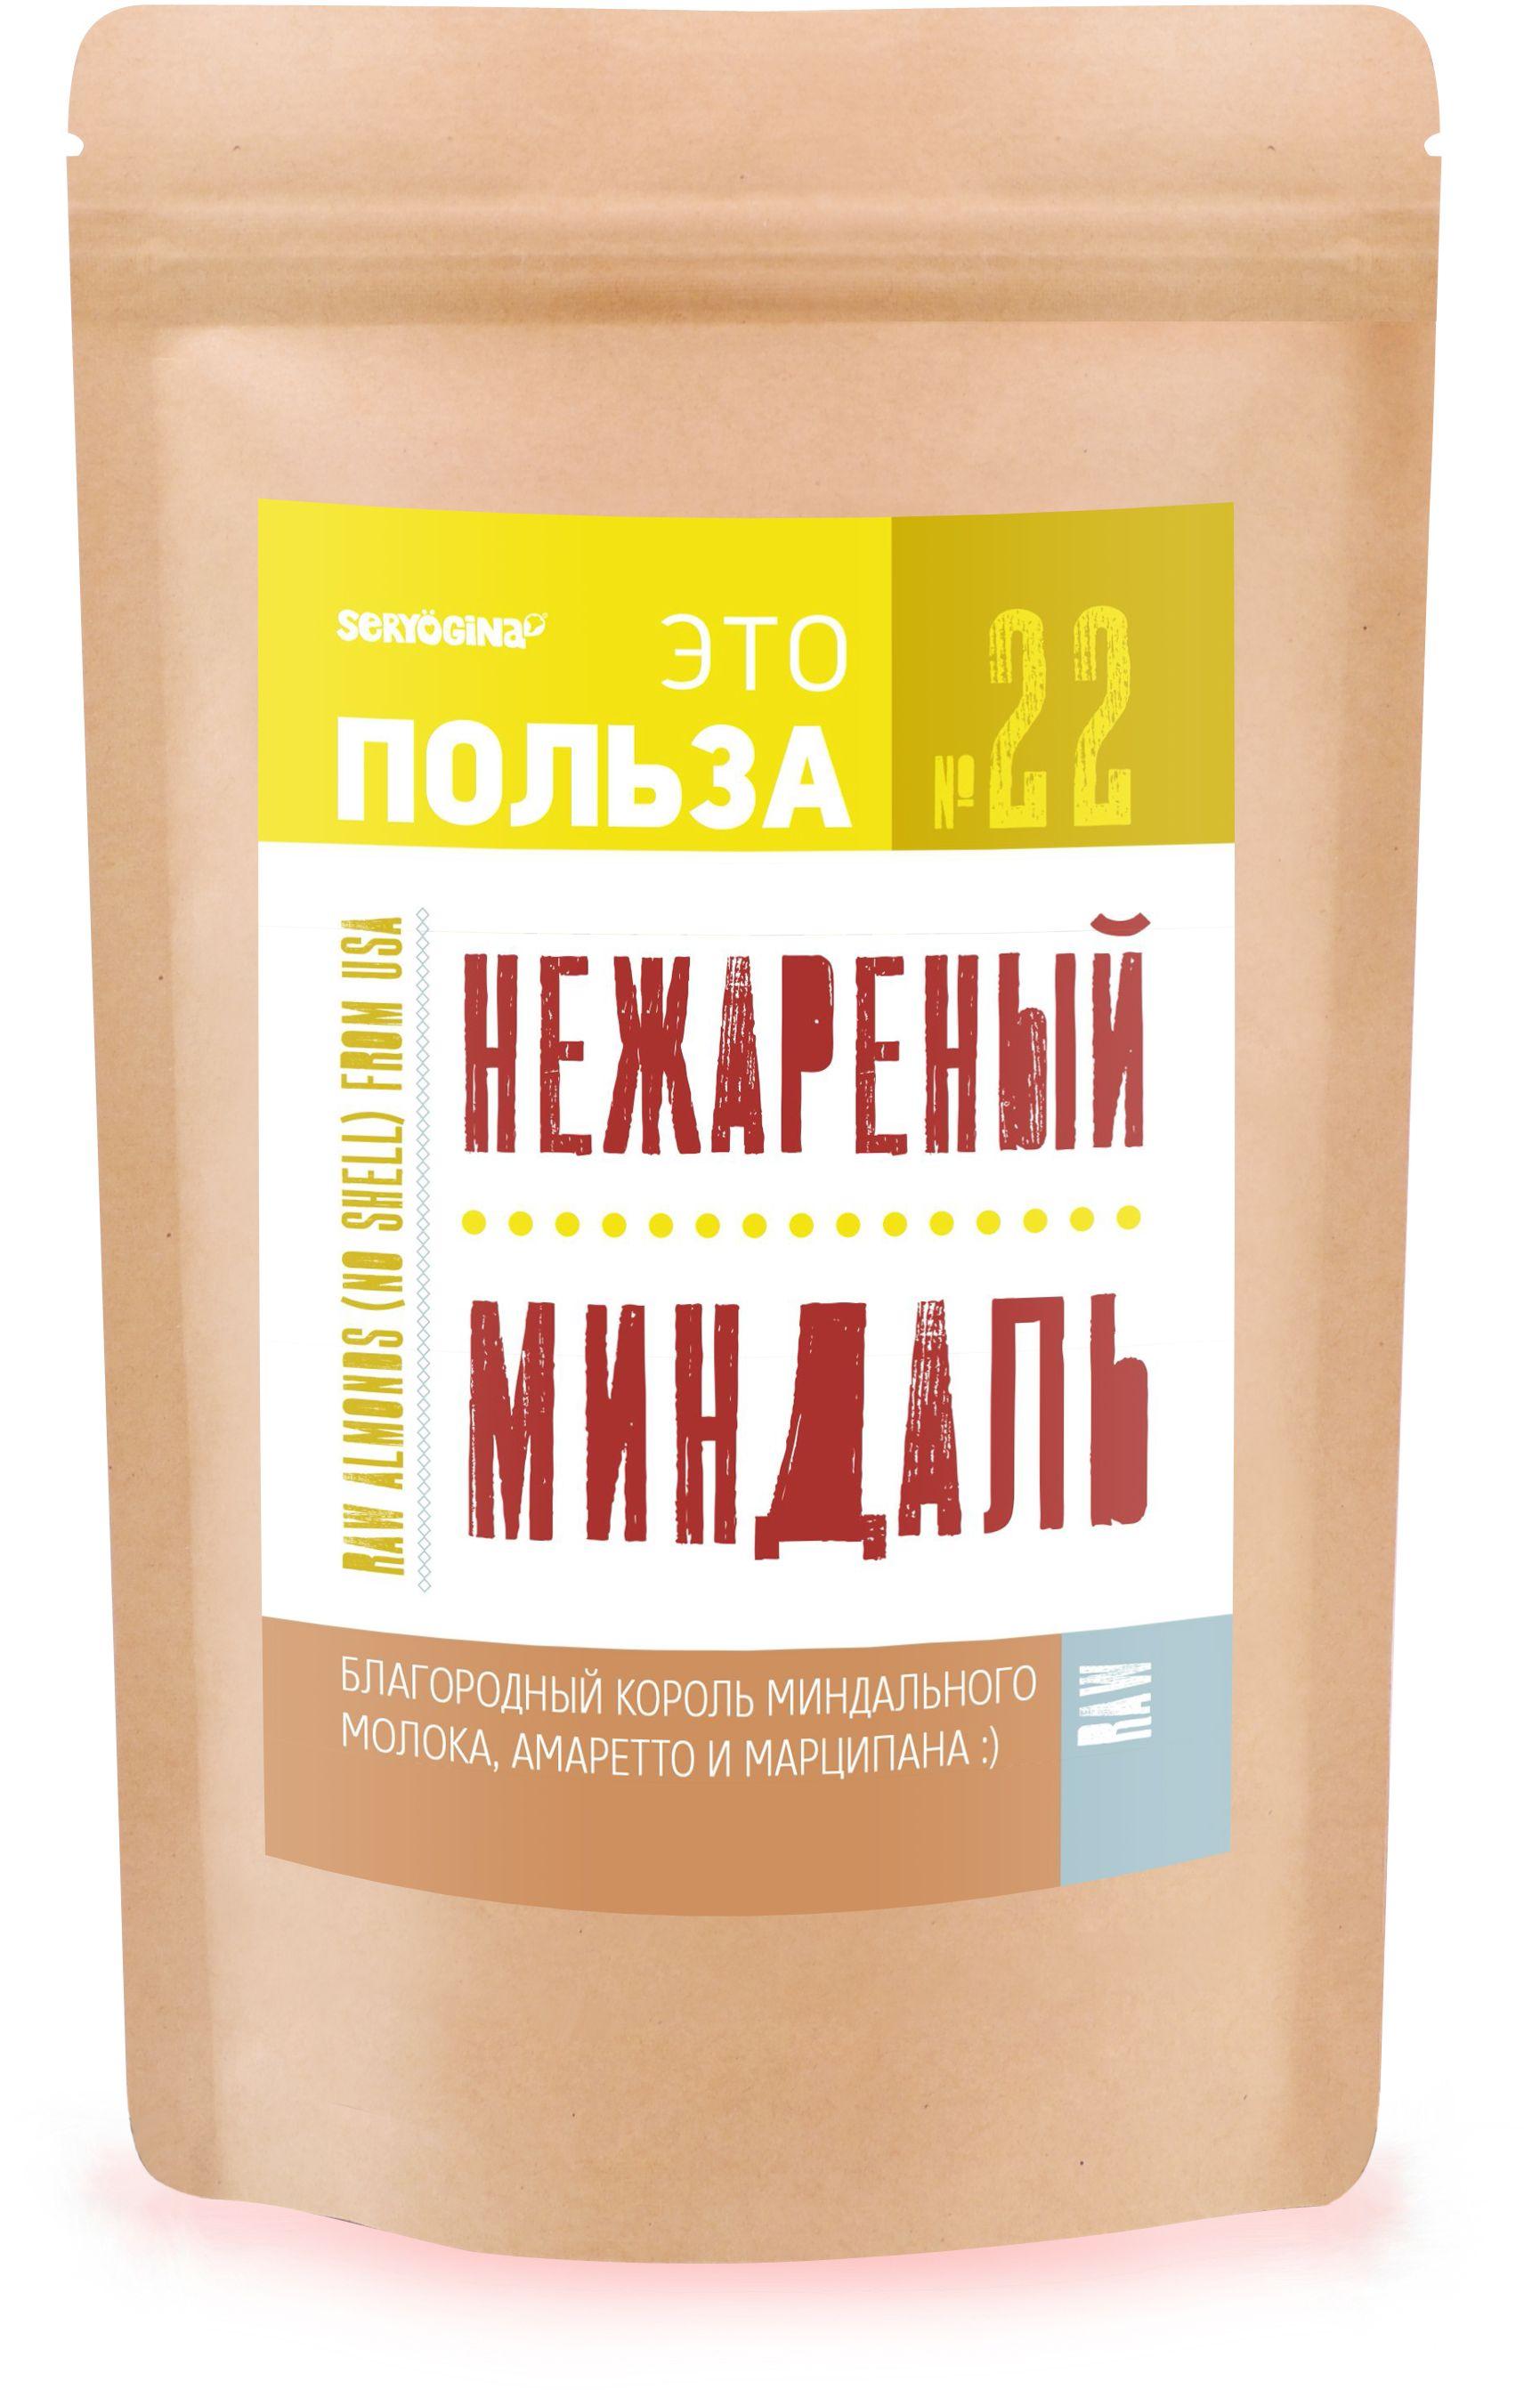 Seryogina Миндаль нежареный, 400 г1089Сладкий вкусный миндаль. Идеально для приготовления десертов и сладостей. 40% дневной нормы кальция и магния, богат витаминами групп В и Е, белком, железом, цинком, фосфора в нем больше чем в других орехах.